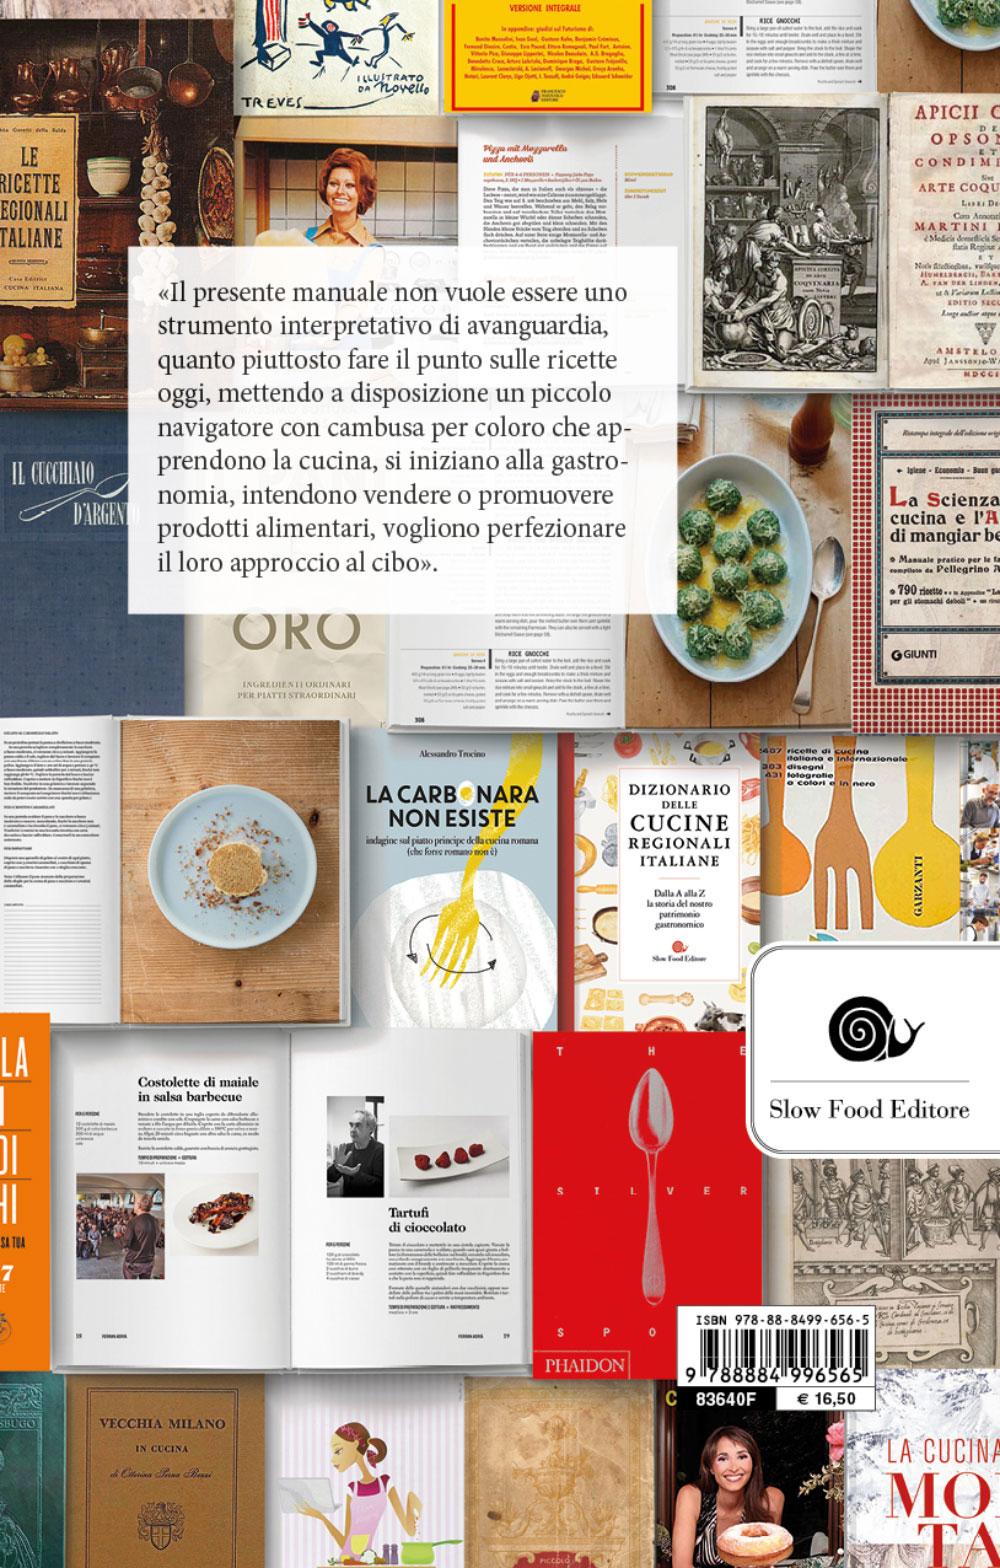 La ricetta della ricetta. Storia e percorsi attraverso 500 anni di testi gastronomici